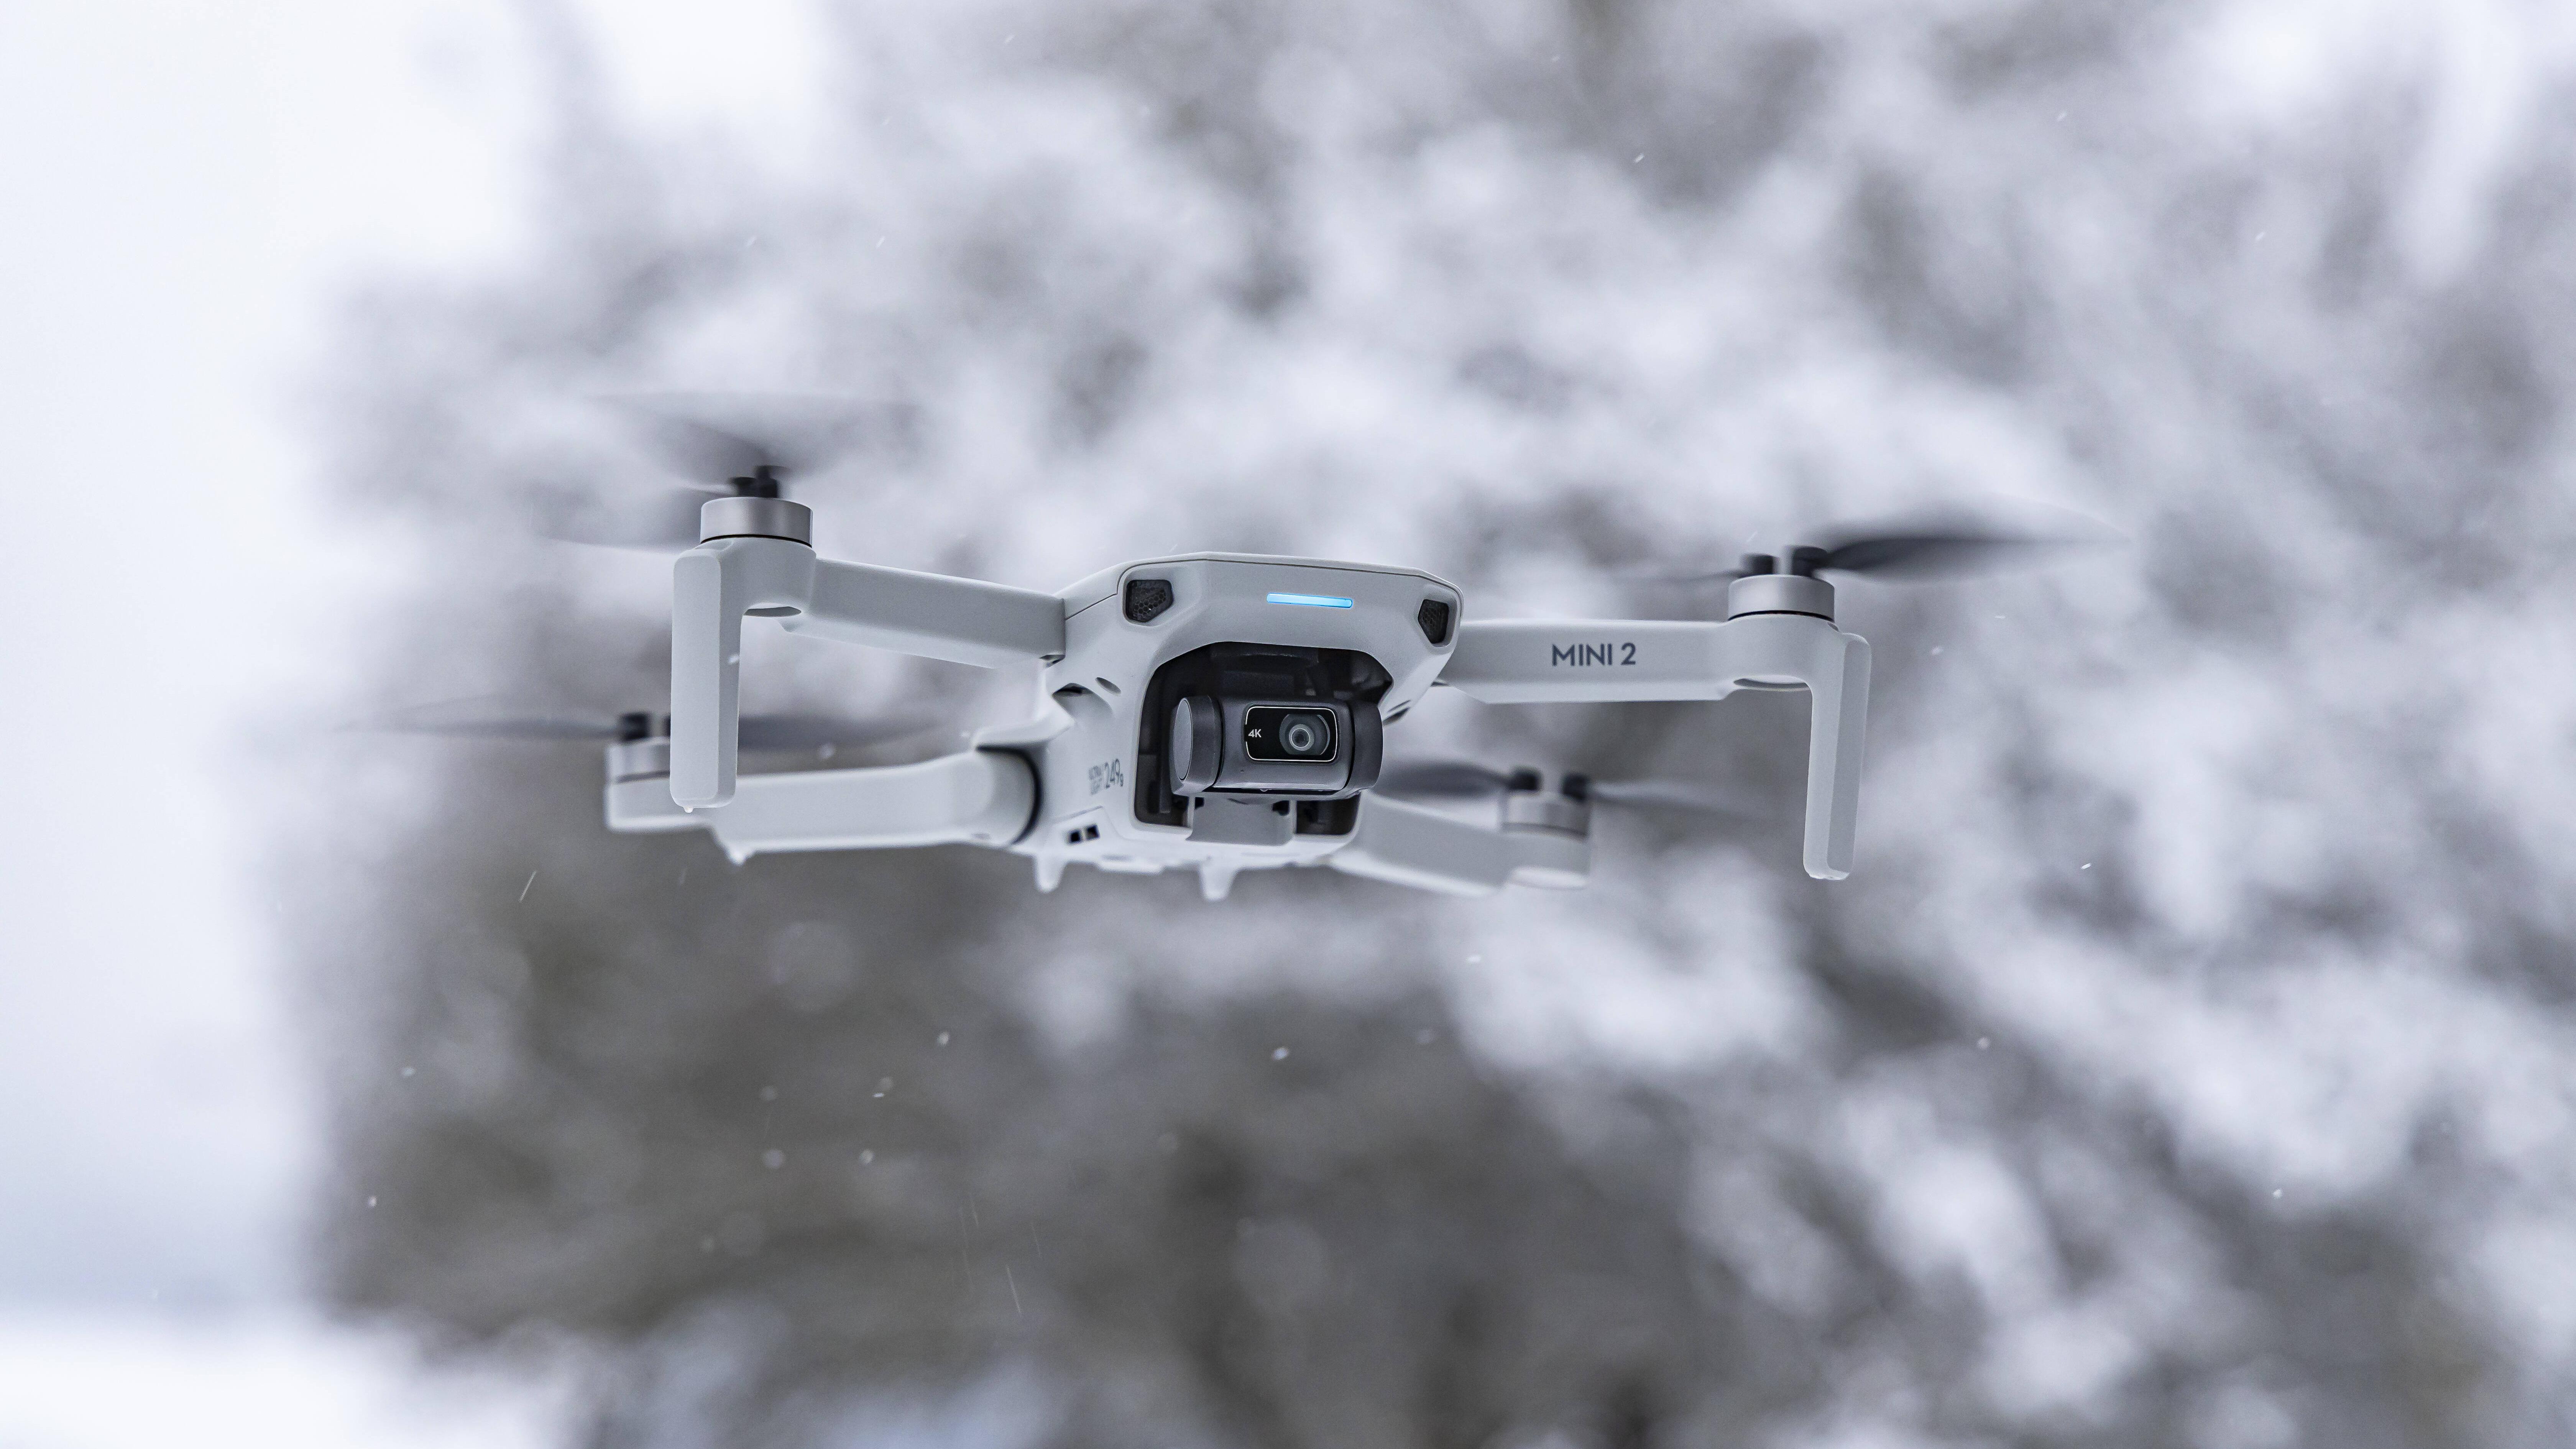 Die DJI Mini 2 ist eines der beliebtesten Drohnenmodelle für Freizeit- und Hobbyflieger.